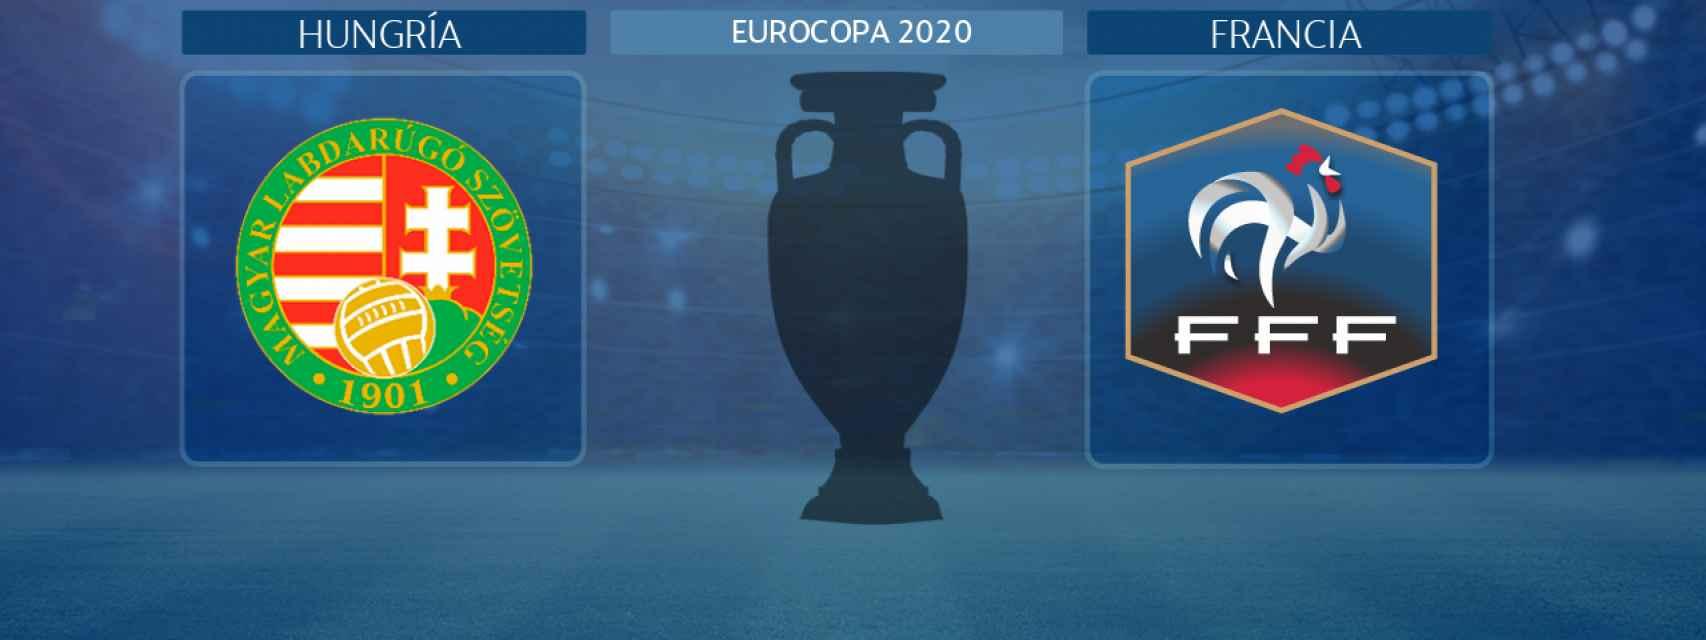 Hungría - Francia, partido de la Eurocopa 2020